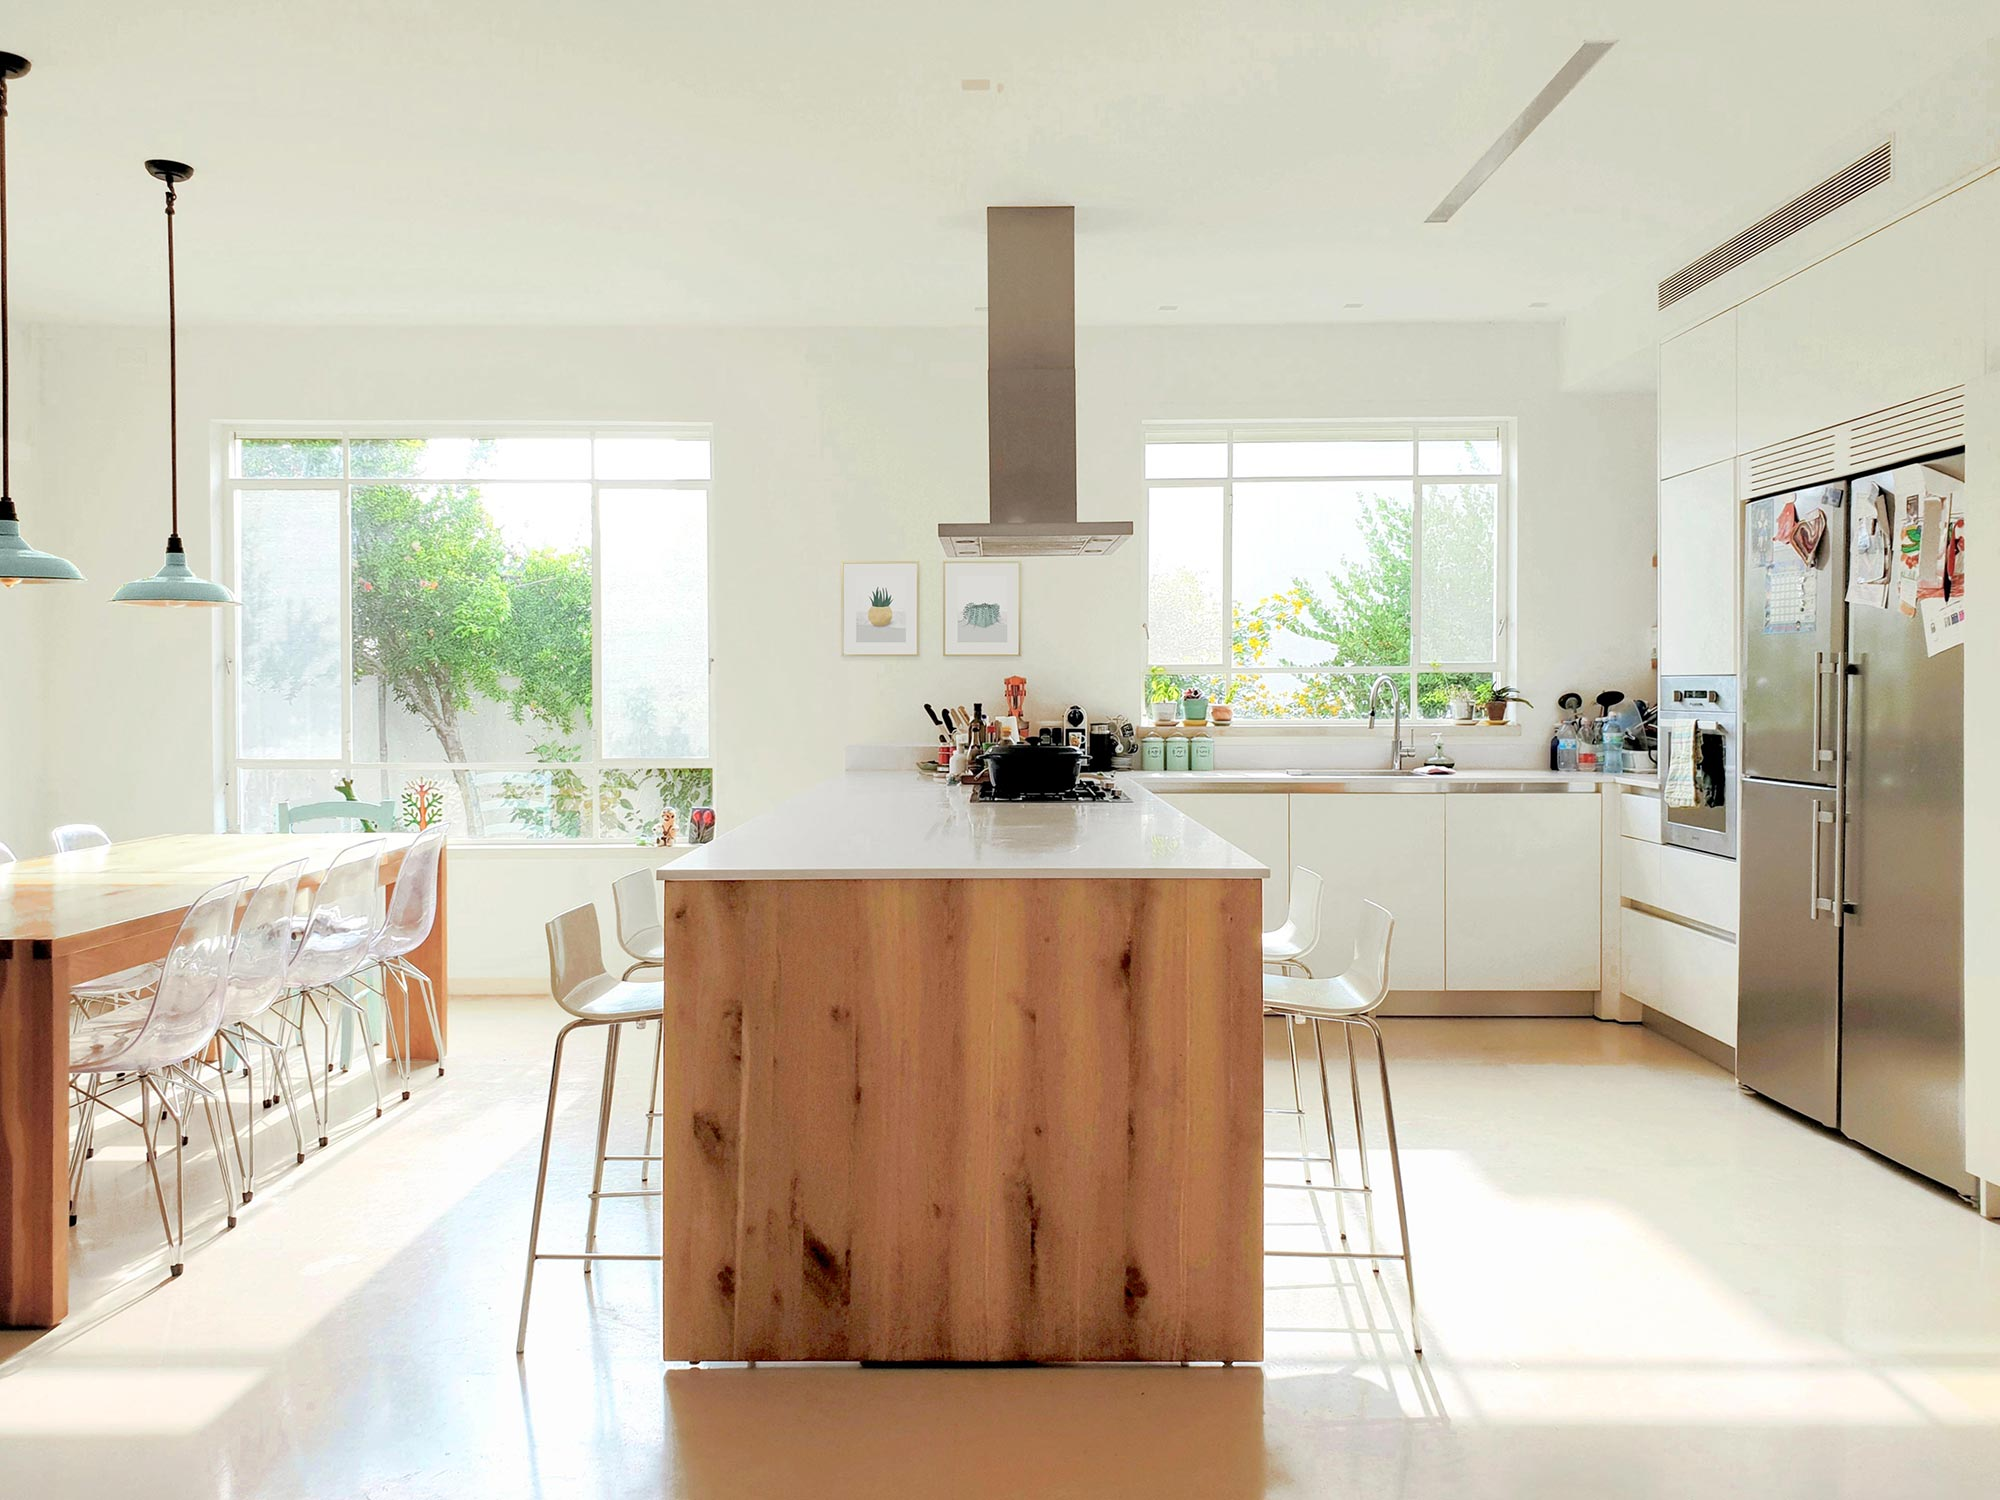 תמונות למטבח, עיצוב מטבח